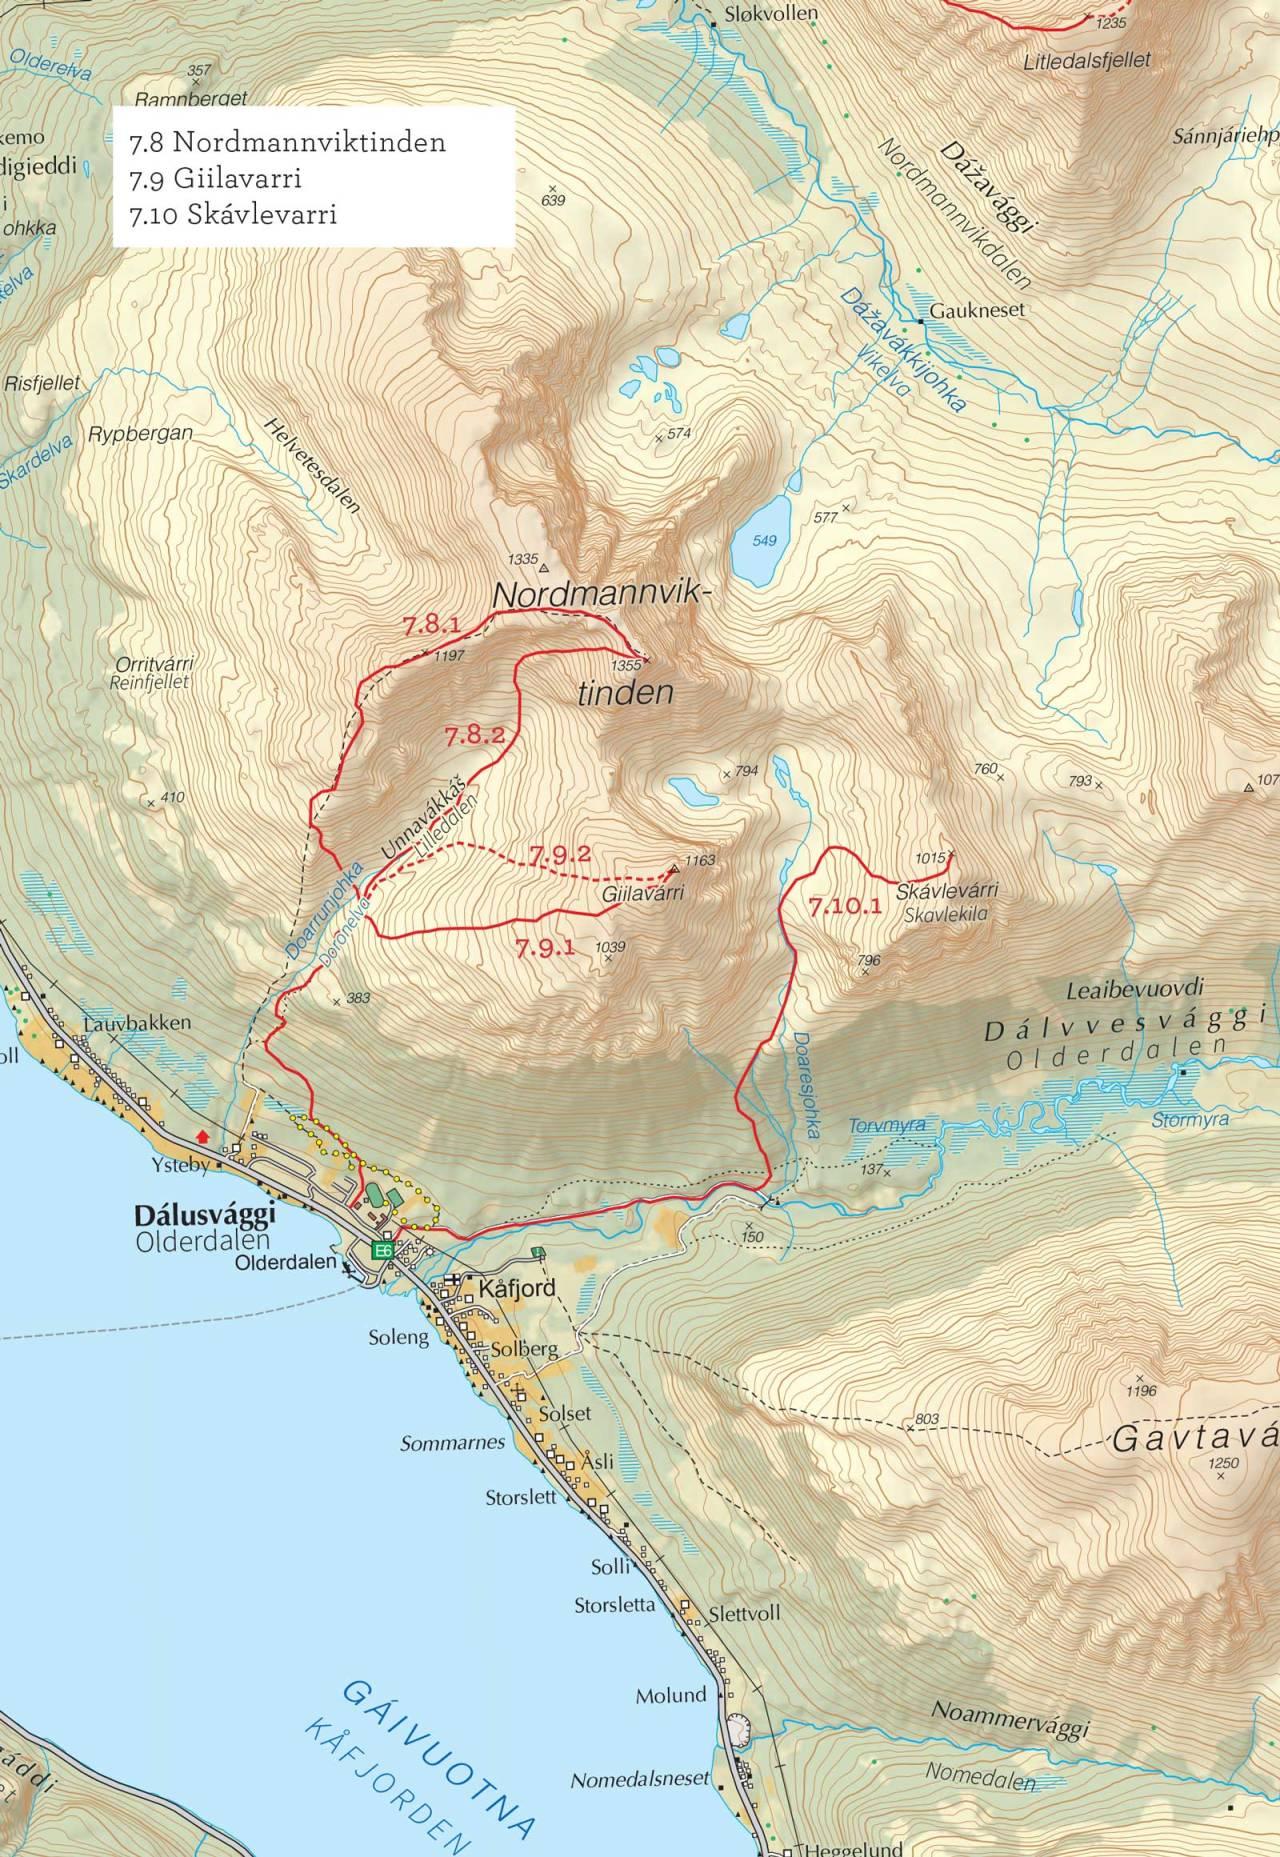 Oversiktskart over Skavlevarri med inntegnet rute. Fra Toppturer i Troms.